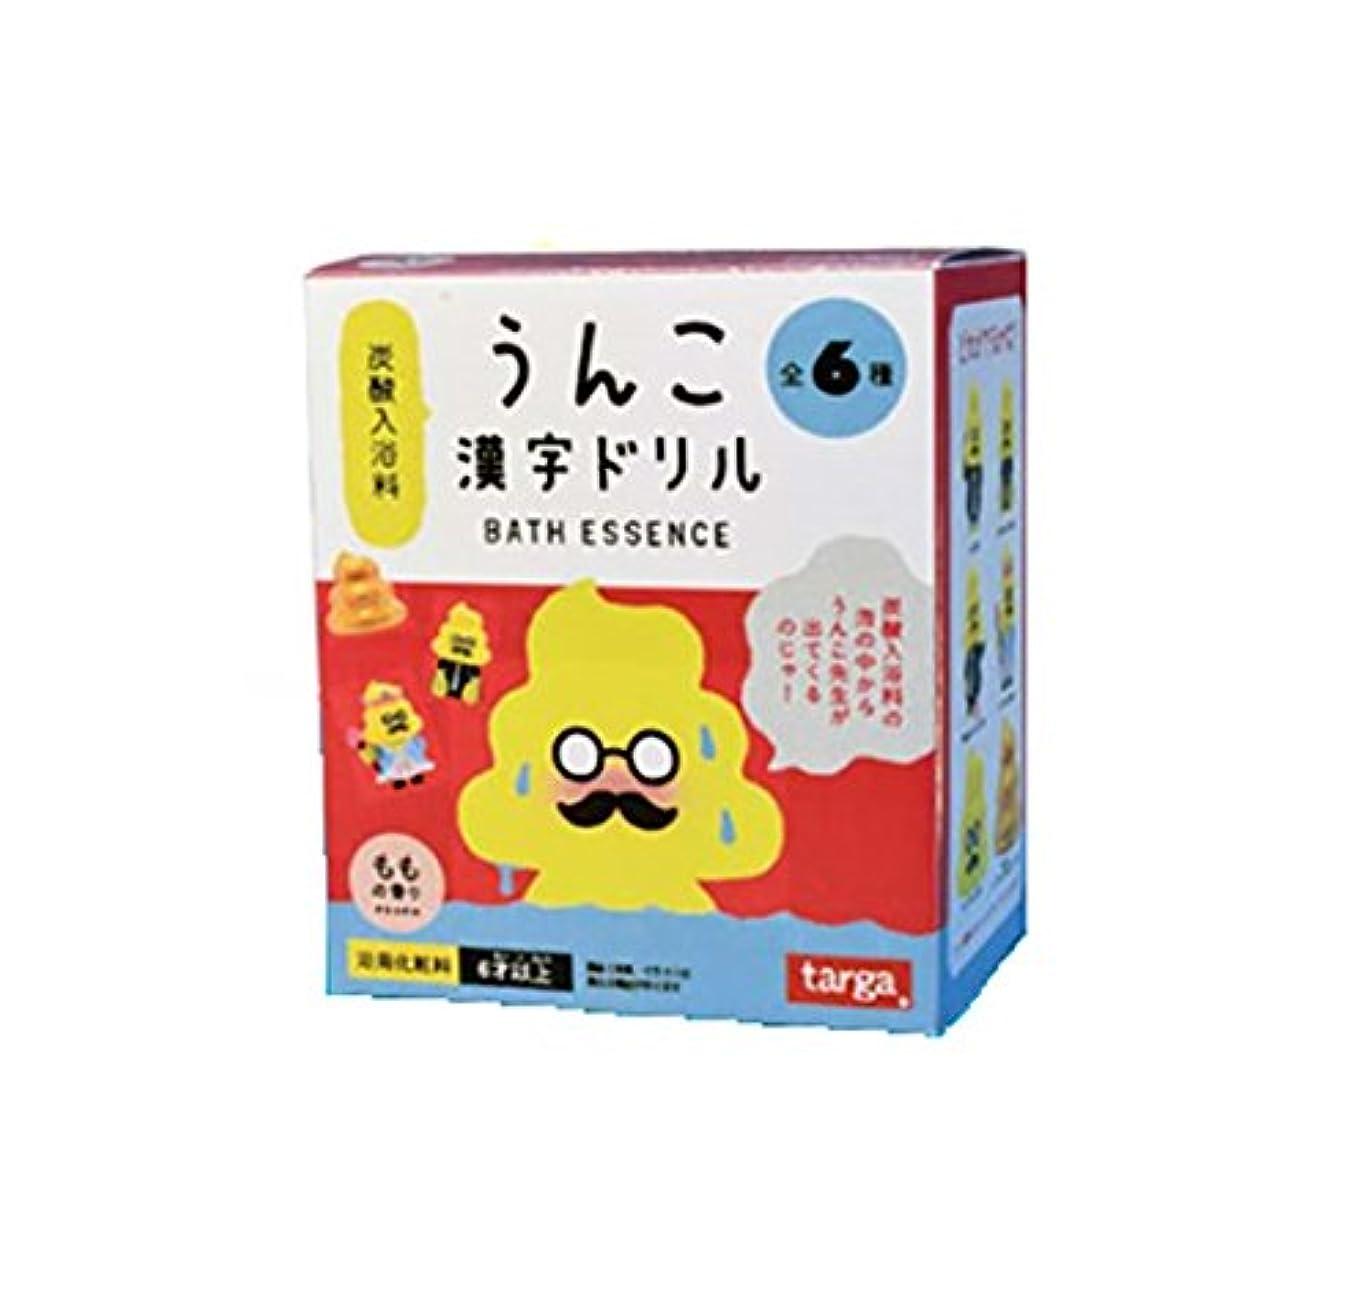 乗算国民投票具体的にうんこ漢字ドリル 炭酸入浴料 BOX